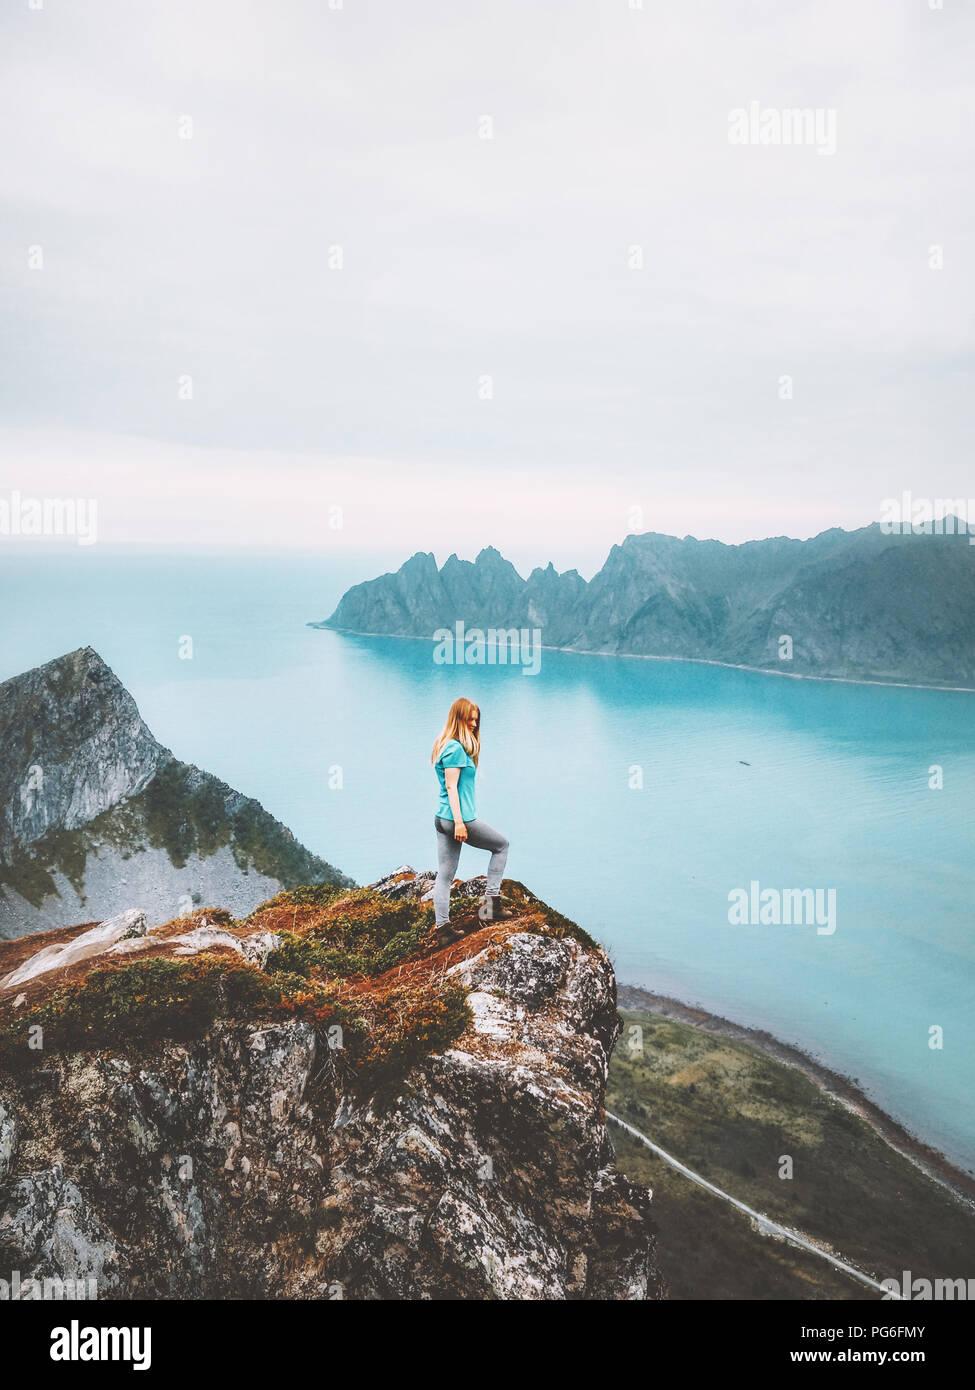 Vacances d'été voyage voyage woman traveler sur falaise sur la montagne randonnée seule mer en Norvège escapade de fin de vie d'aventure Photo Stock